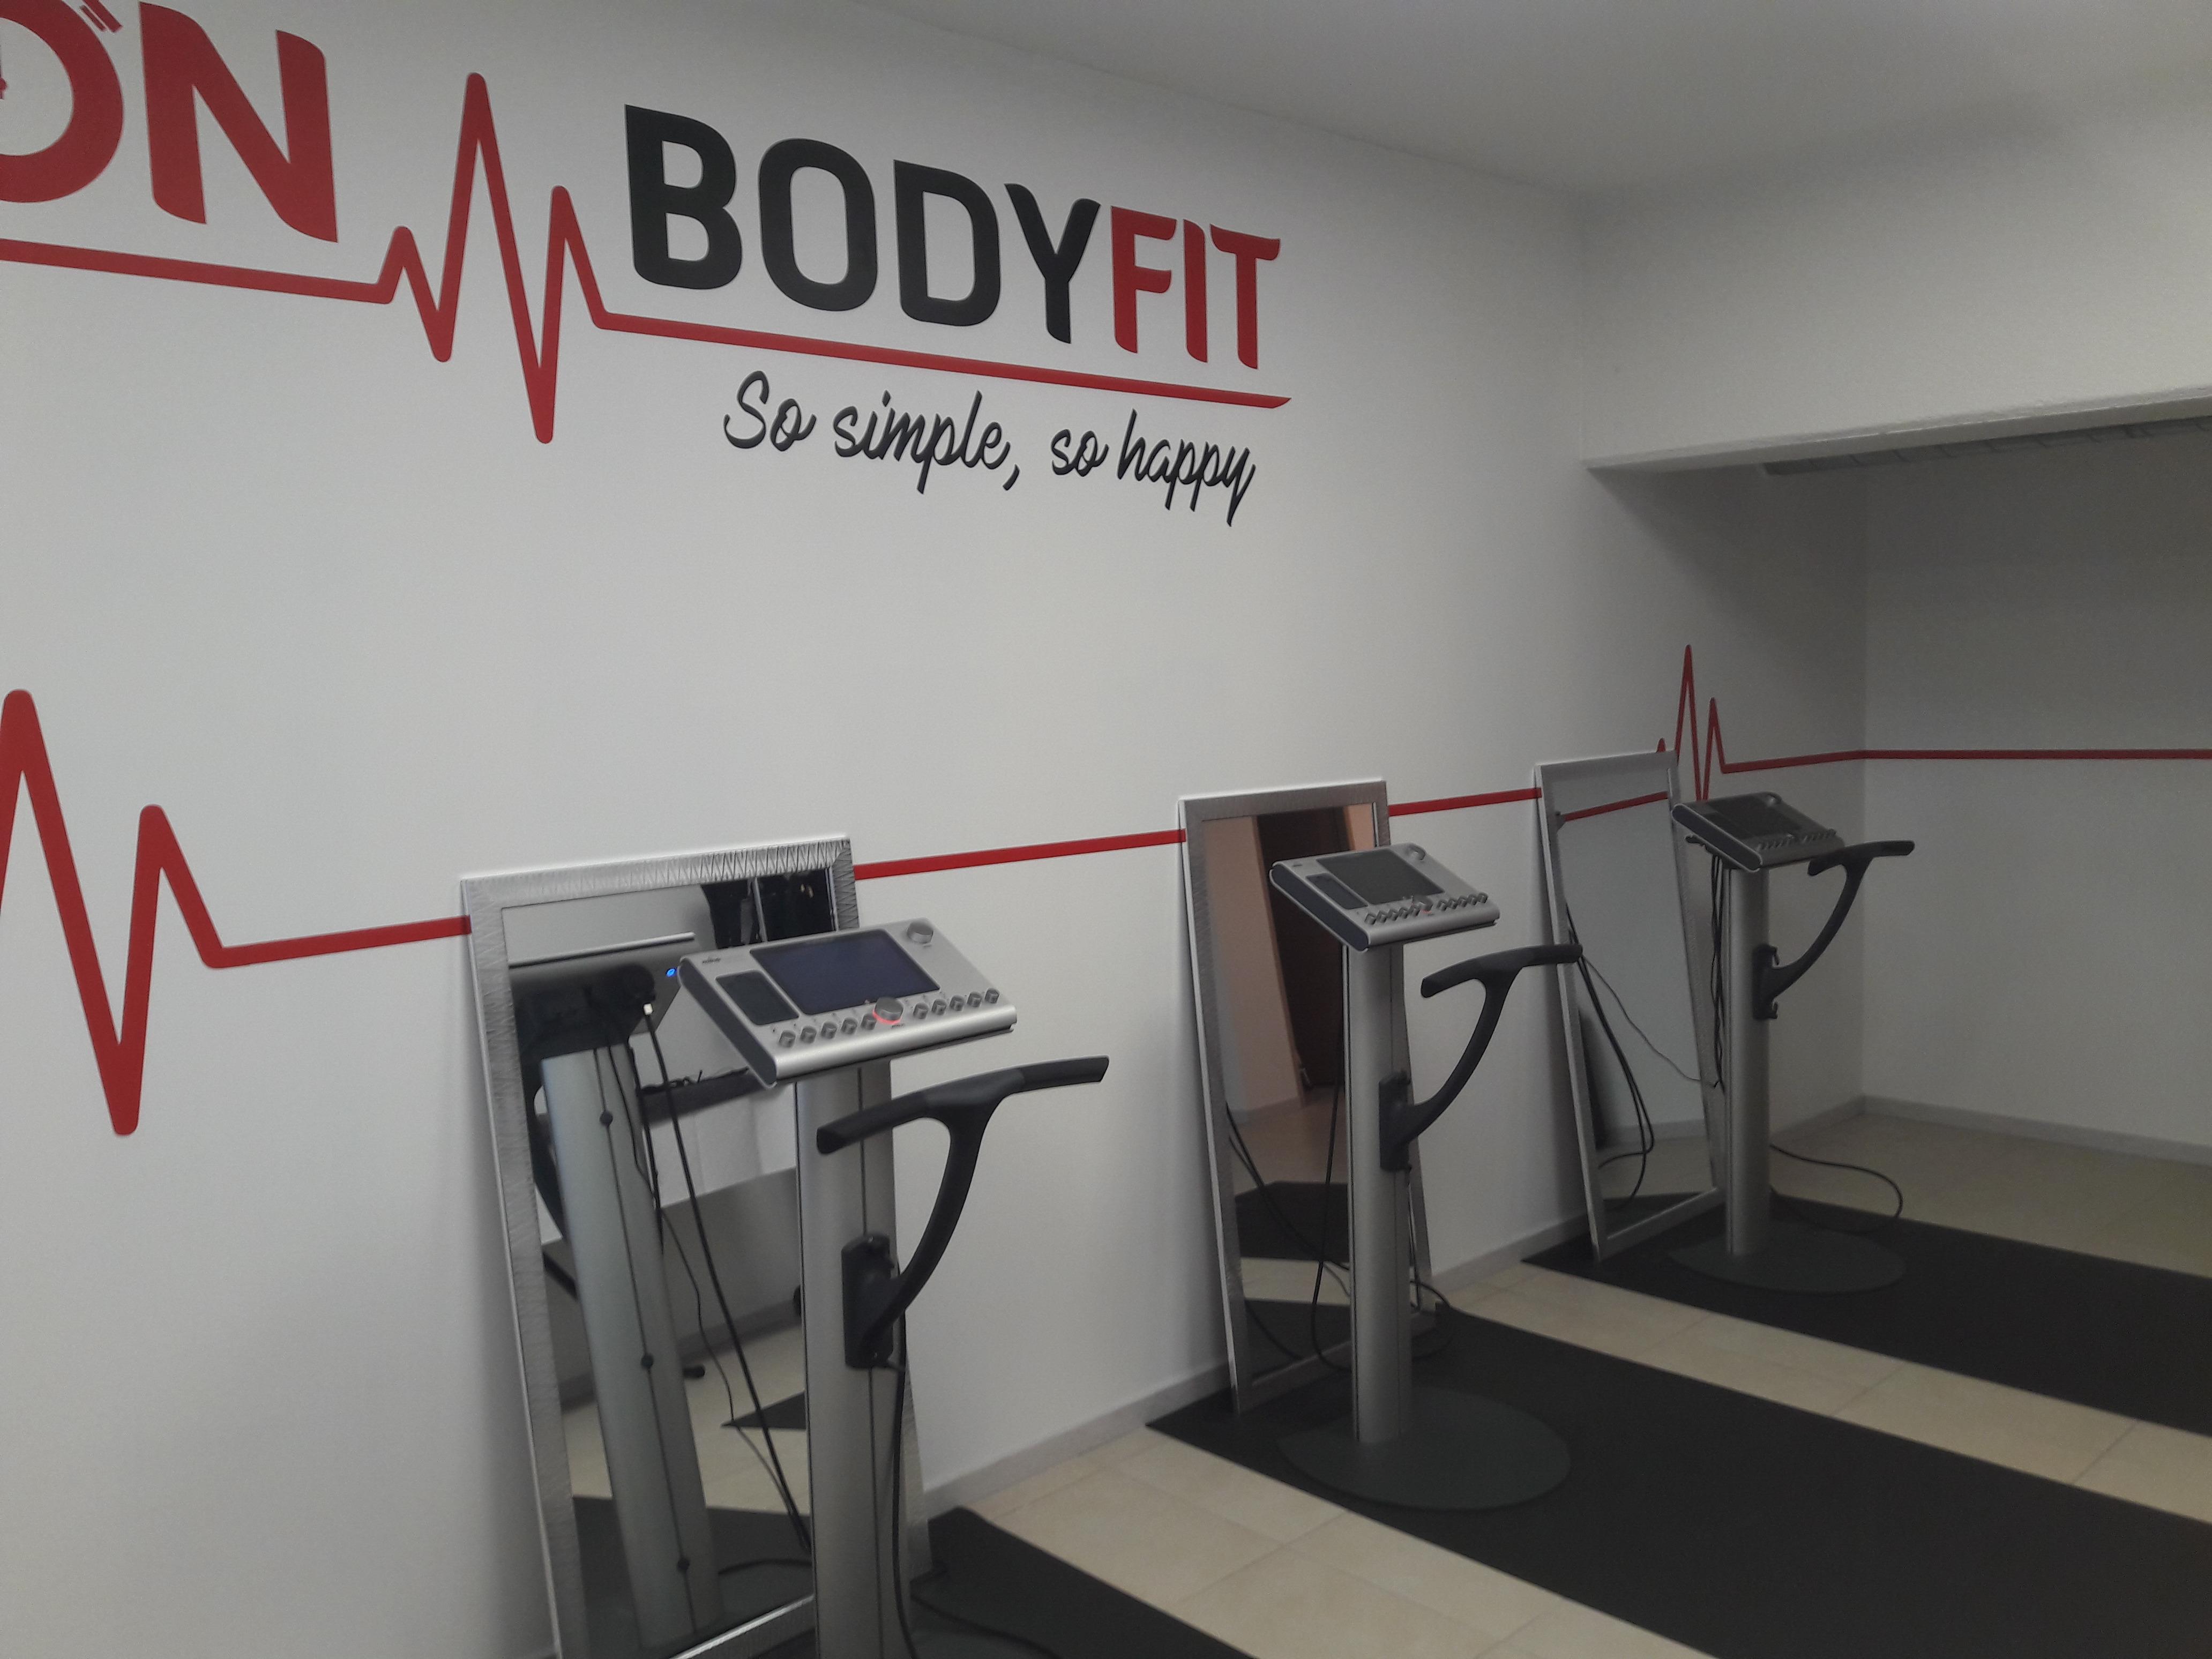 Iron Bodyfit Bourgoin-Jallieu-0